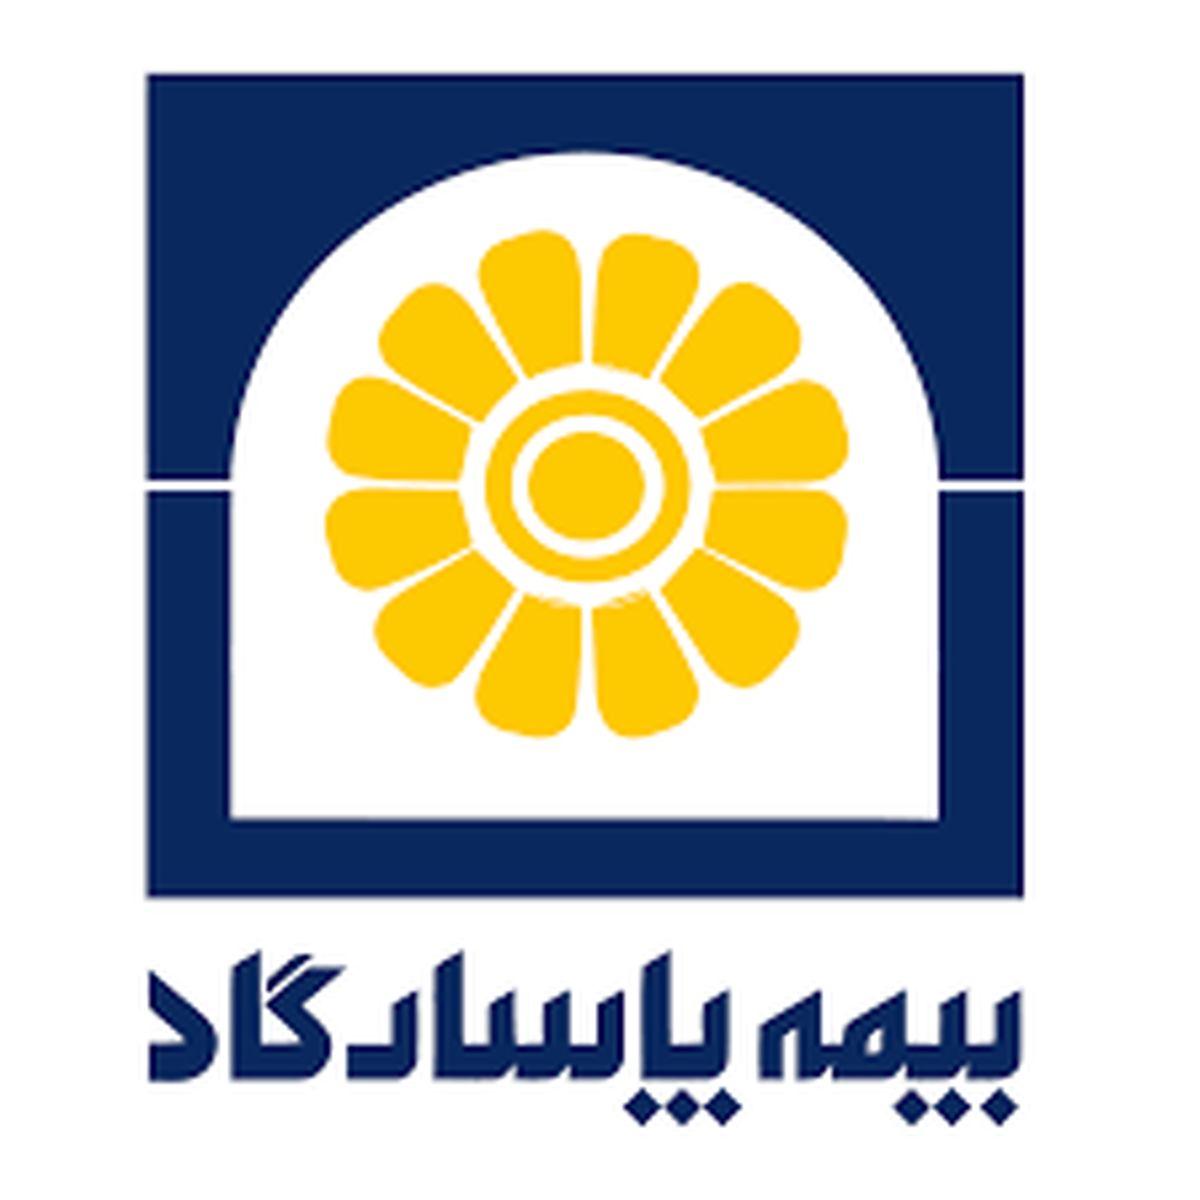 ارزیابی عملکرد بیمه پاسارگاد در استان خوزستان طی سال گذشته